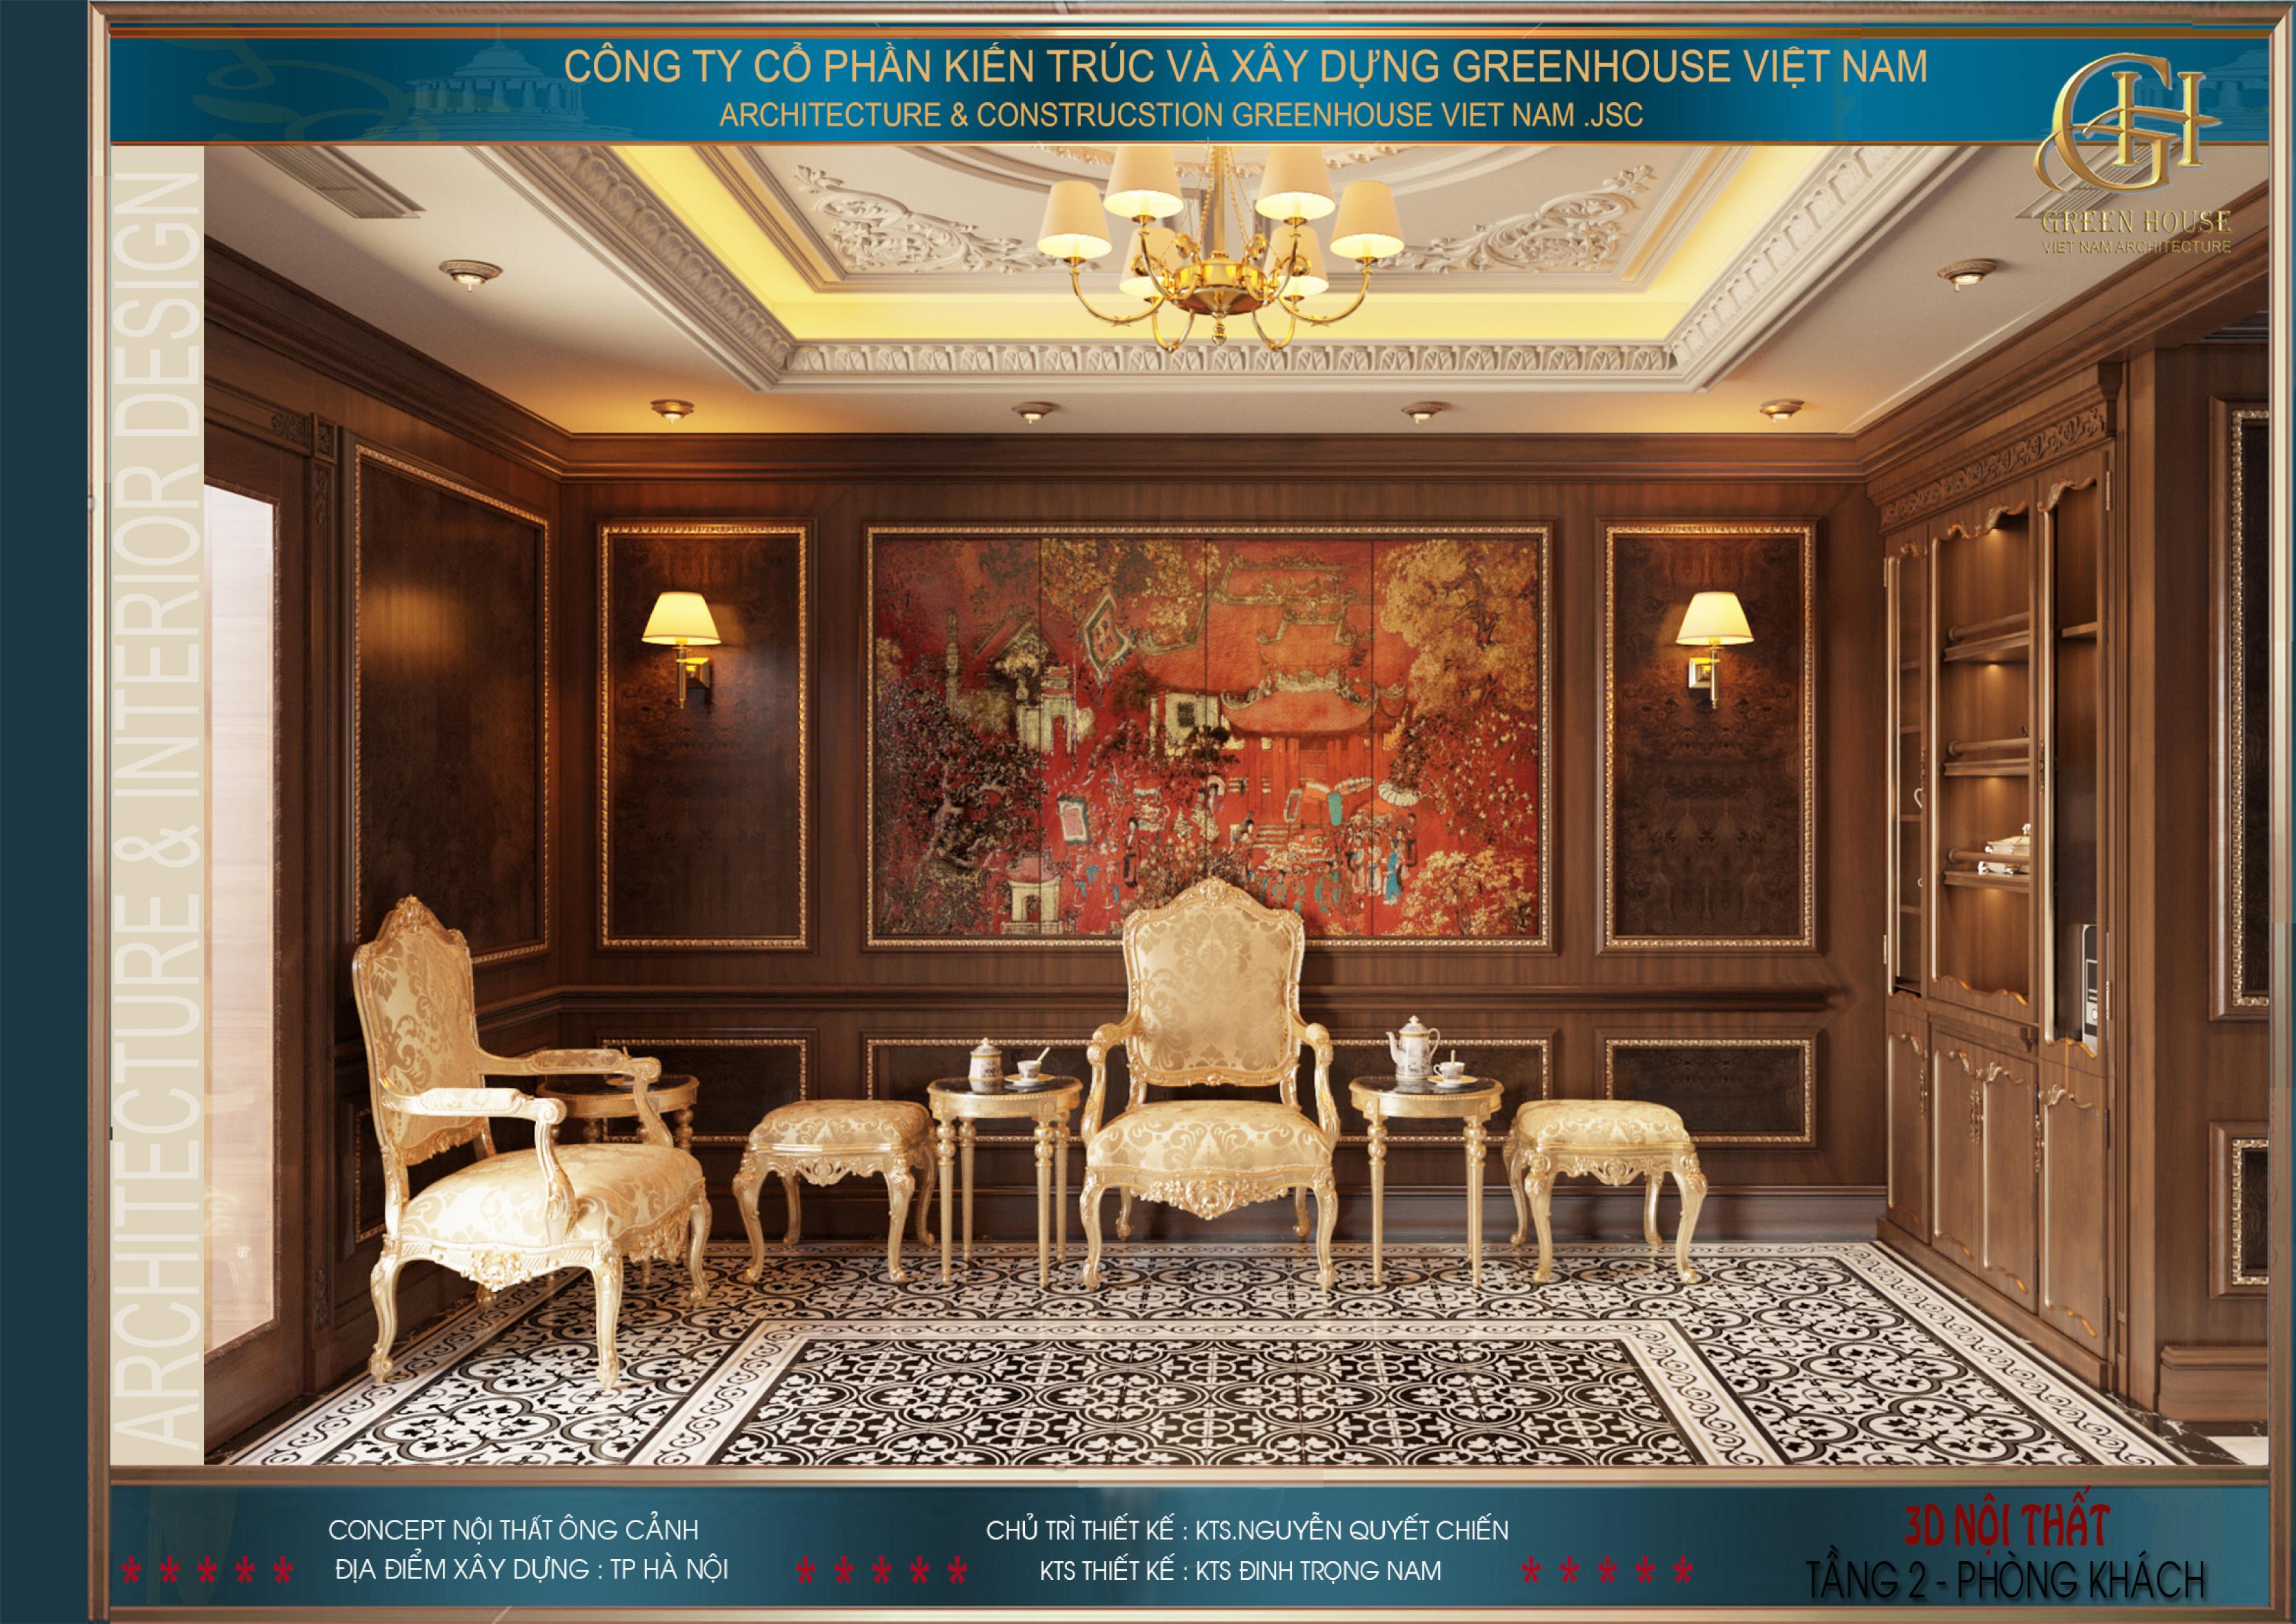 Thiết kế nội thất phòng khách khá đơn giản, nhẹ nhàng